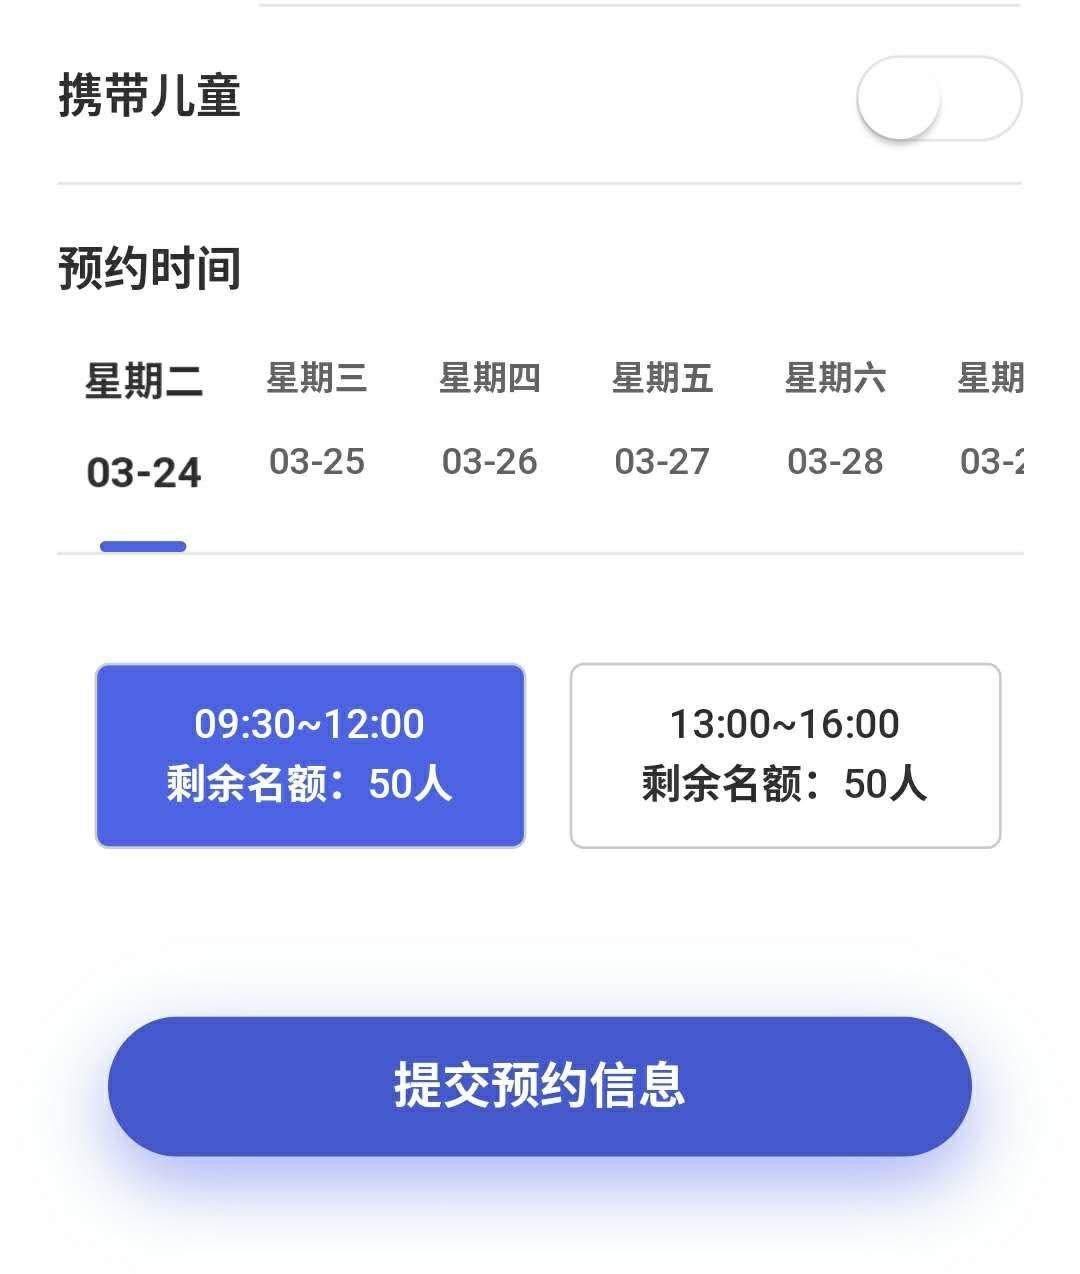 2020广州鲁迅纪念馆部分恢复开放